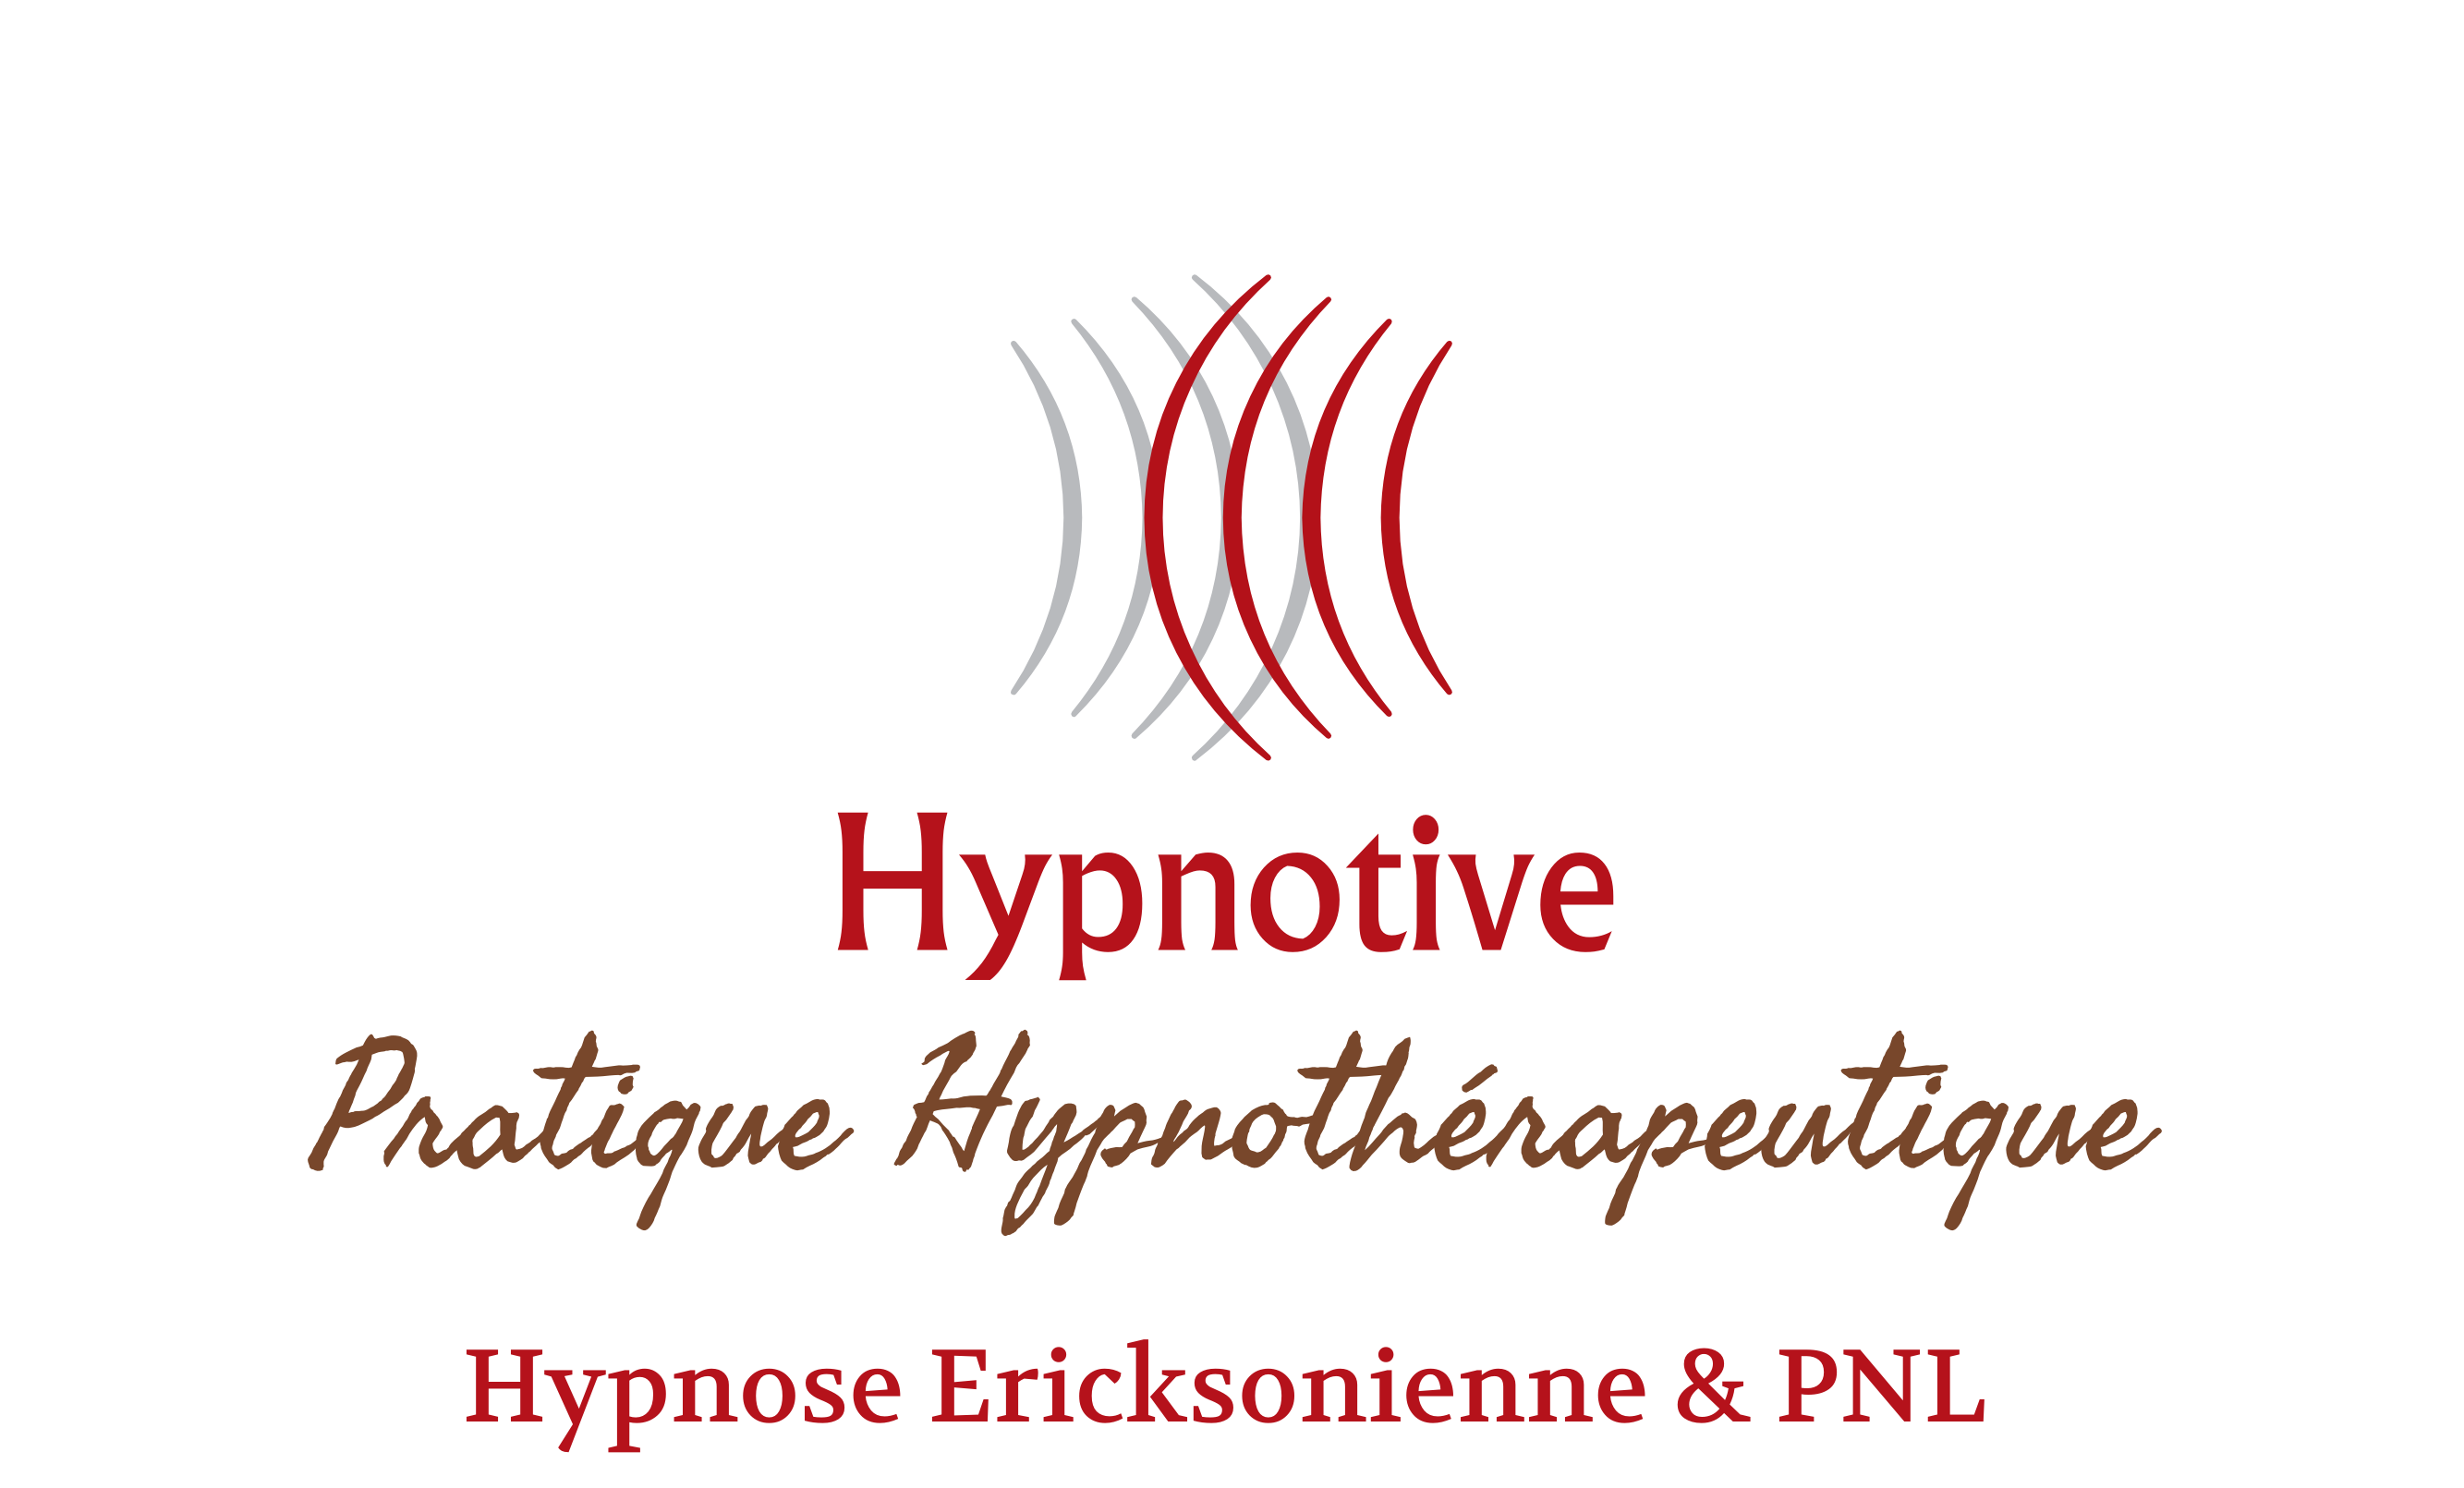 logo hypnotive